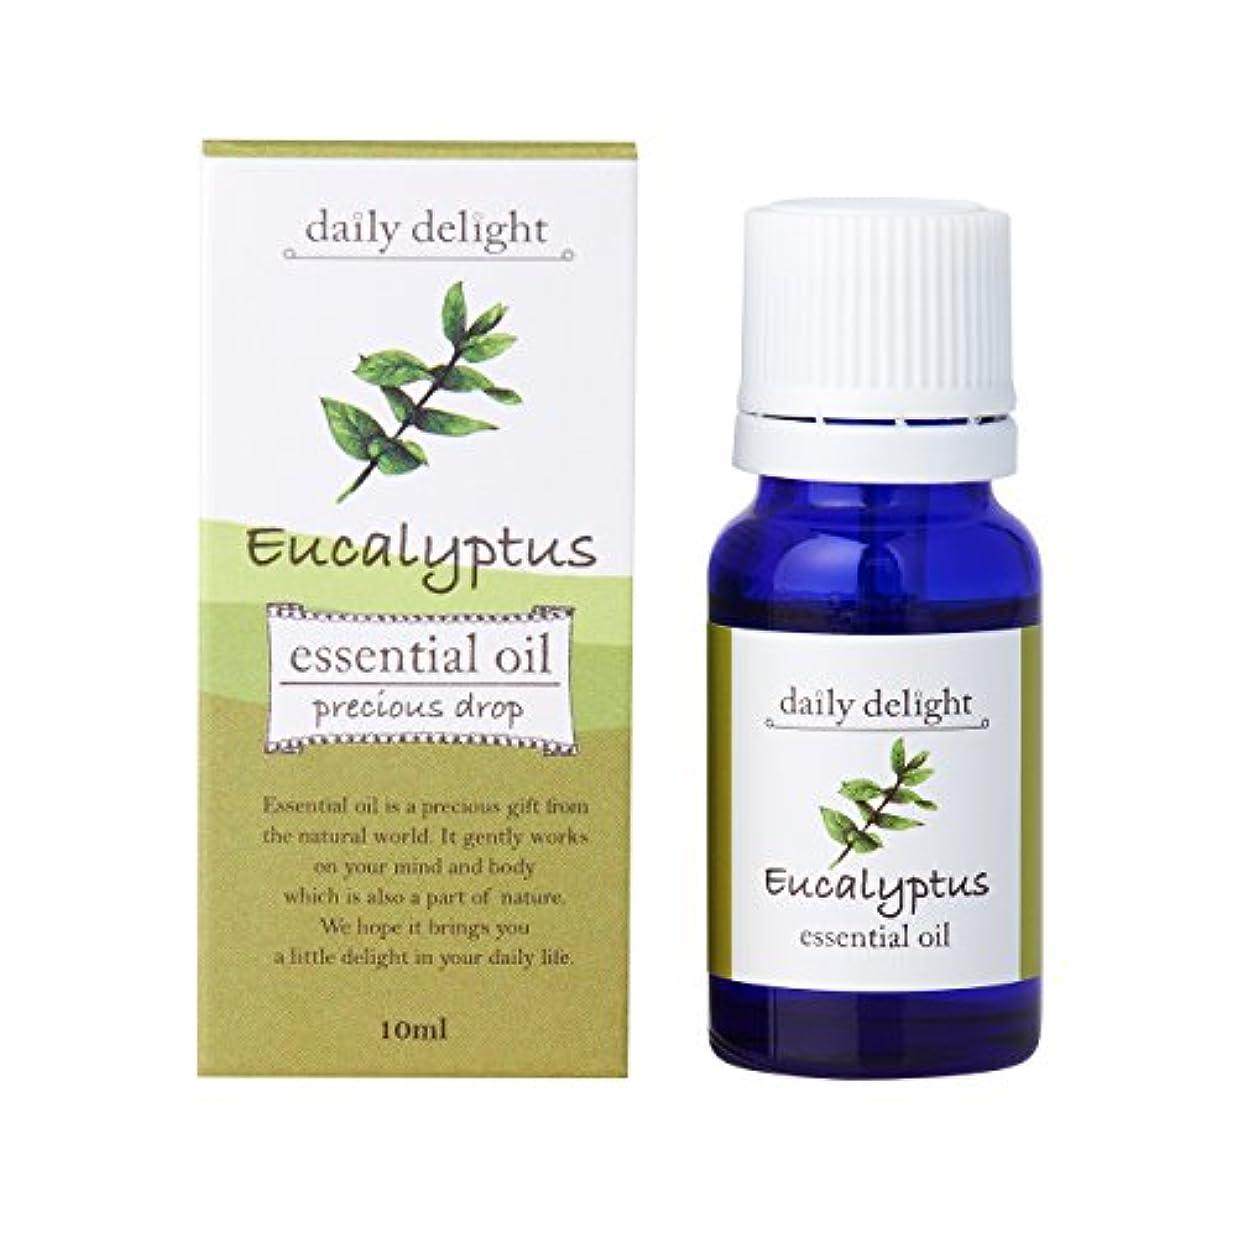 学習ダブル植物のデイリーディライト エッセンシャルオイル  ユーカリプタス 10ml(天然100% 精油 アロマ 樹木系 シャープですっきりした香り)